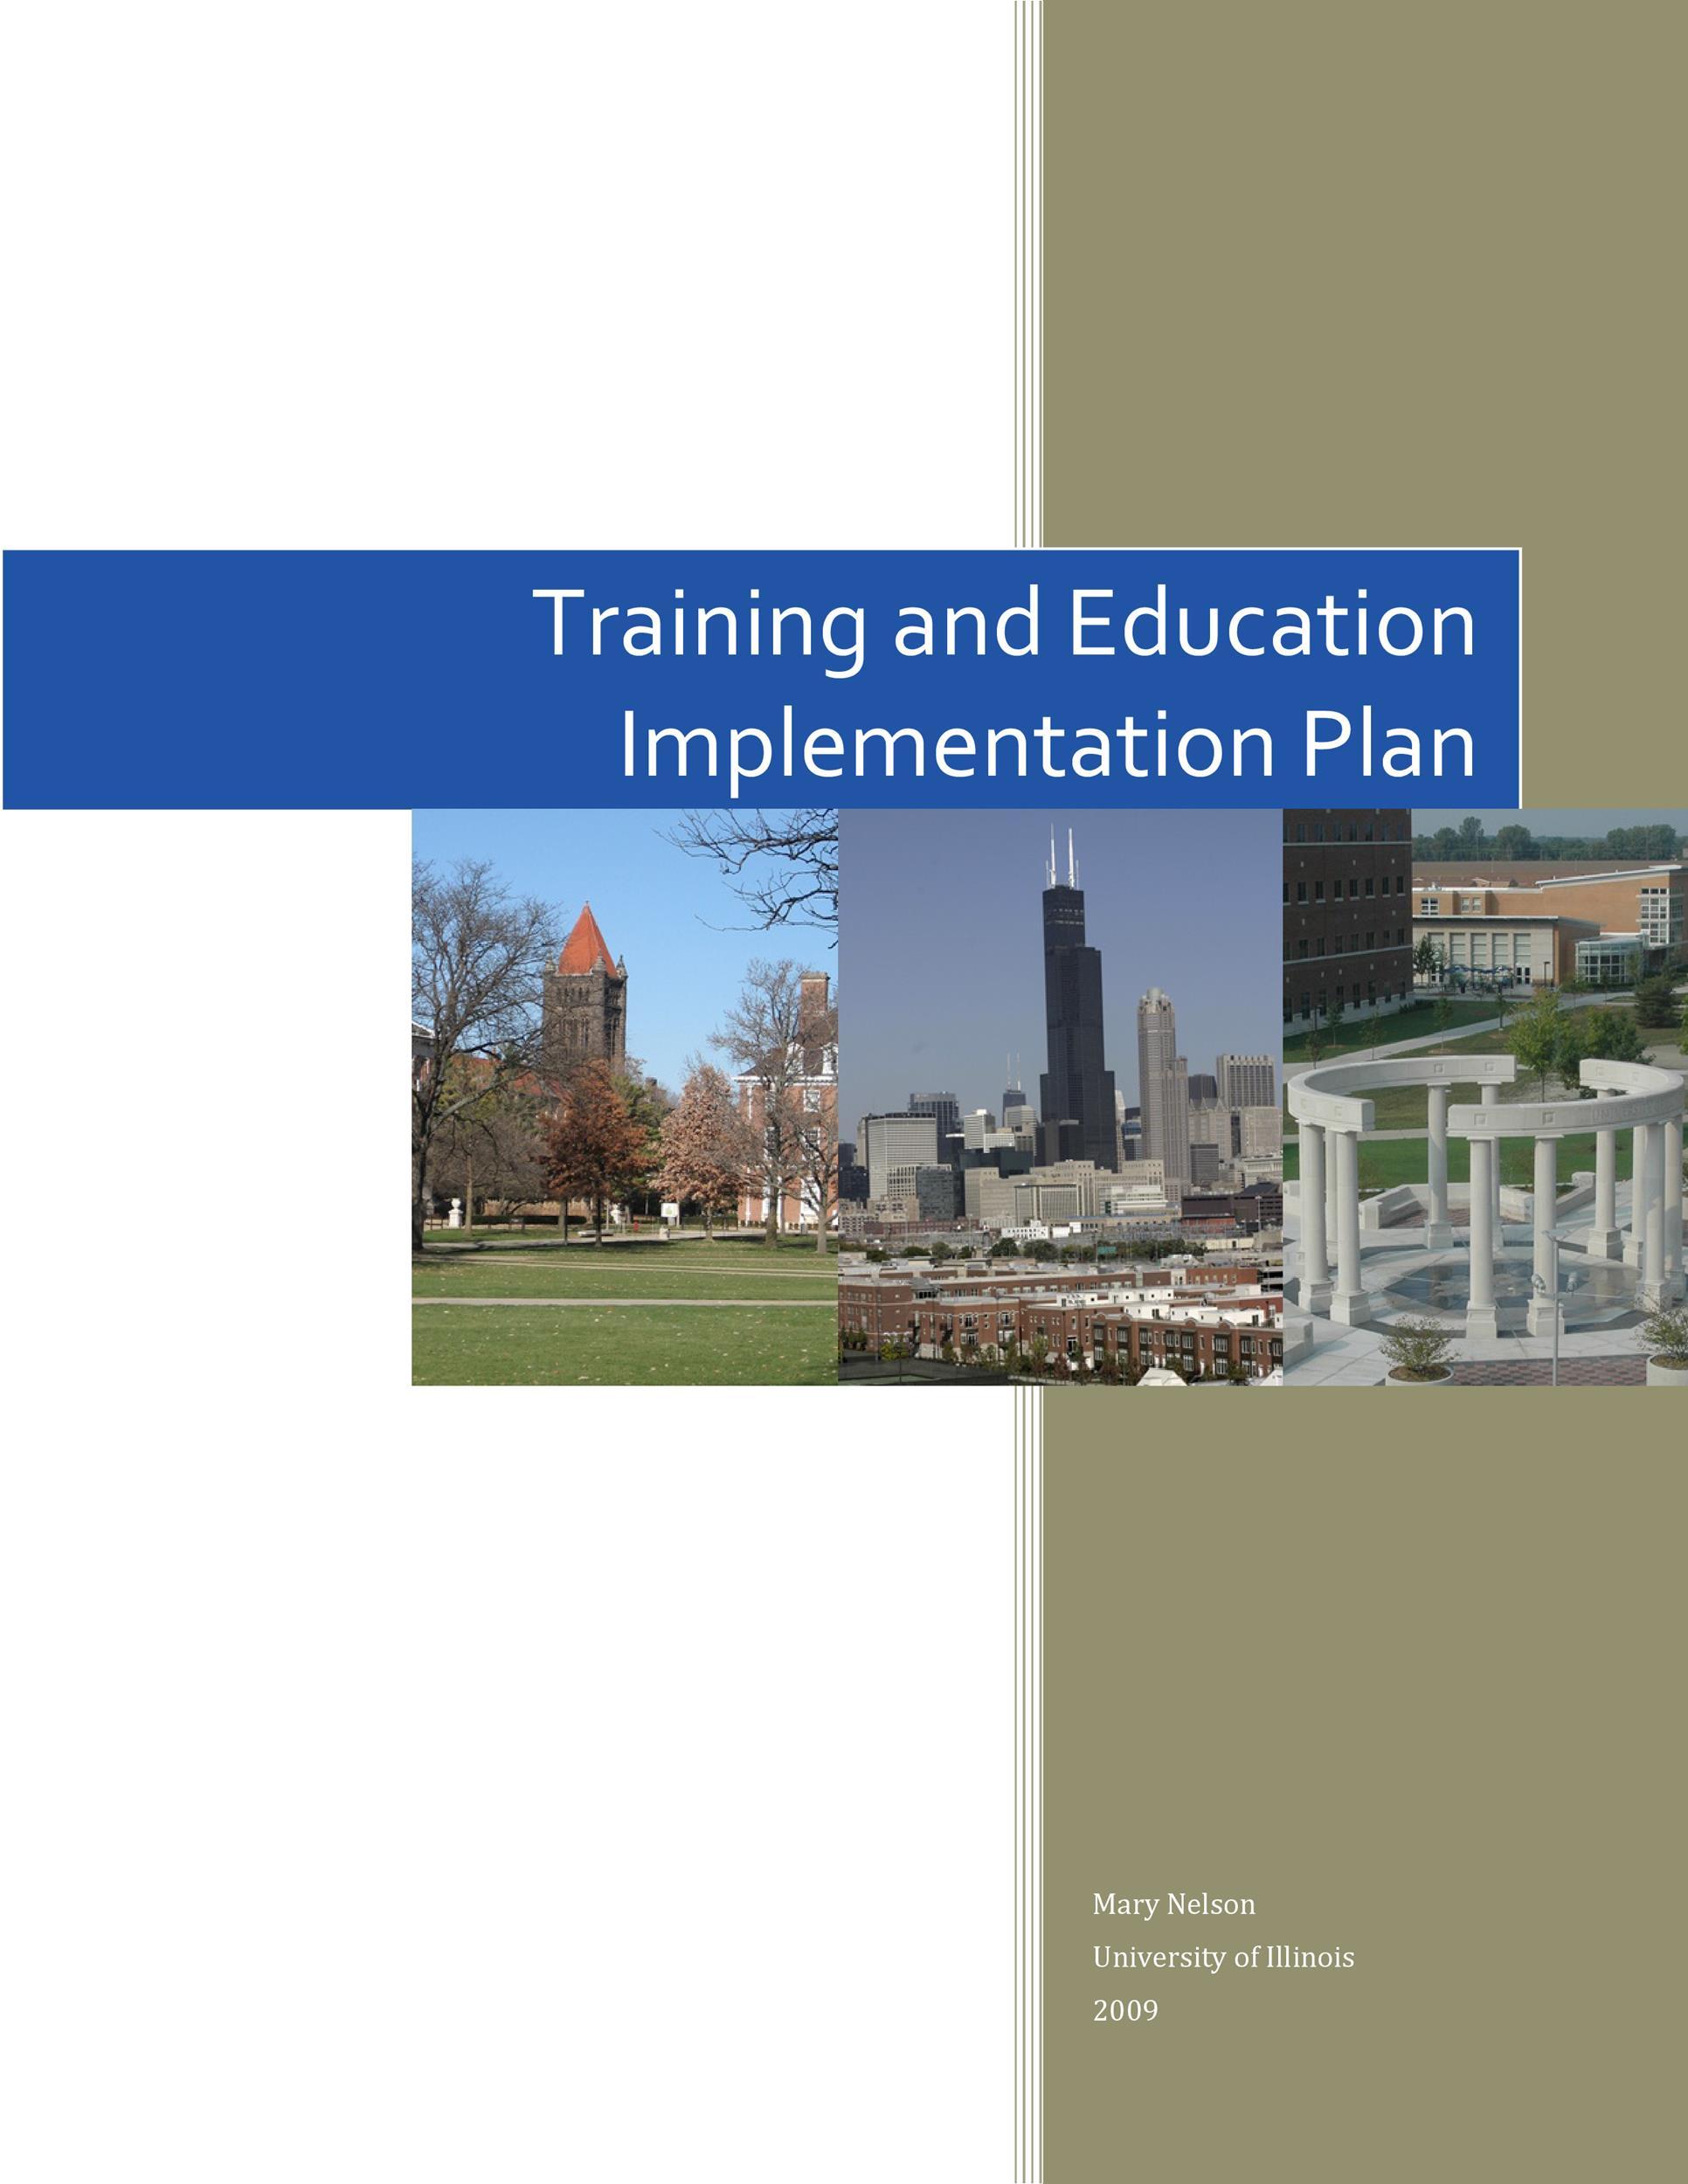 Free implementation plan 40